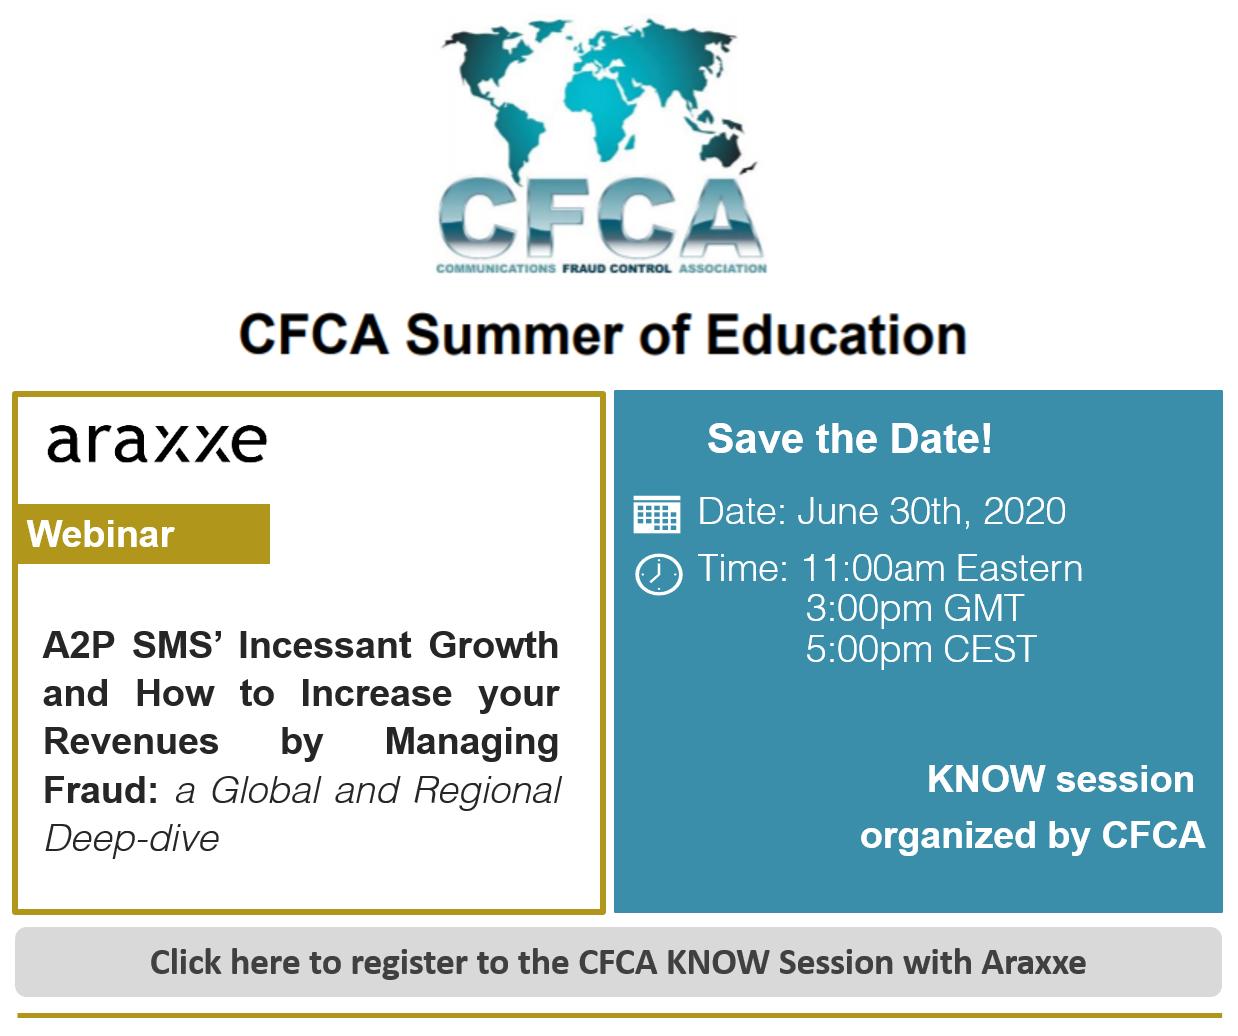 Events - EN - CFCA & Araxxe Webinar - A2P SMS Americas -2